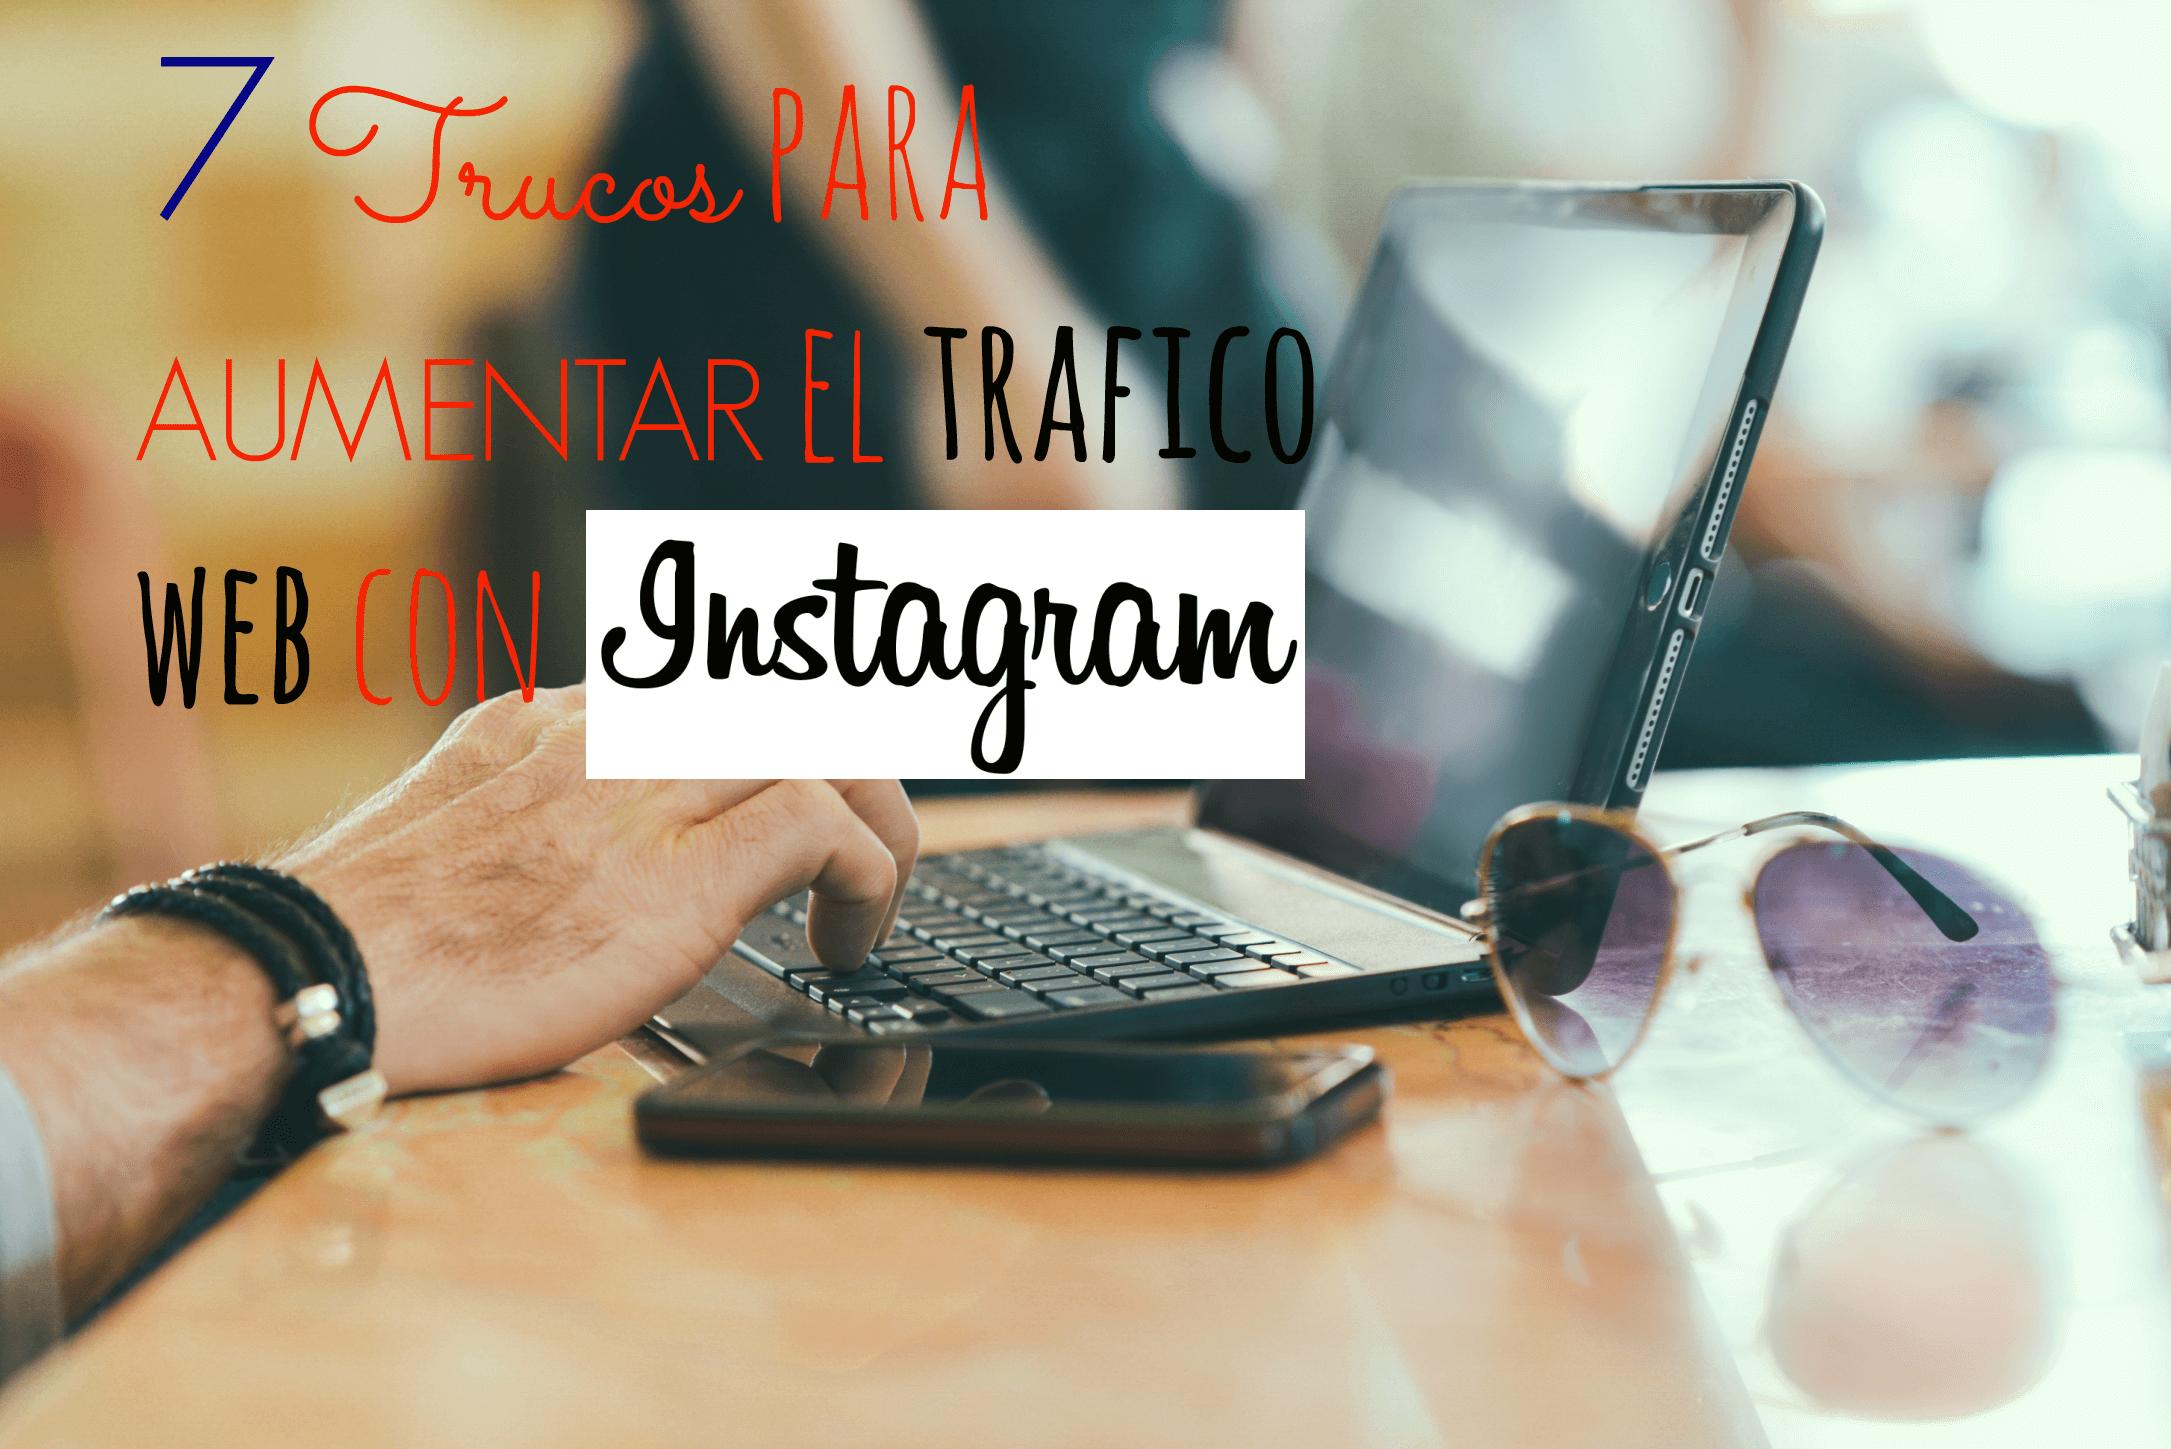 mastraficowebconinstagram